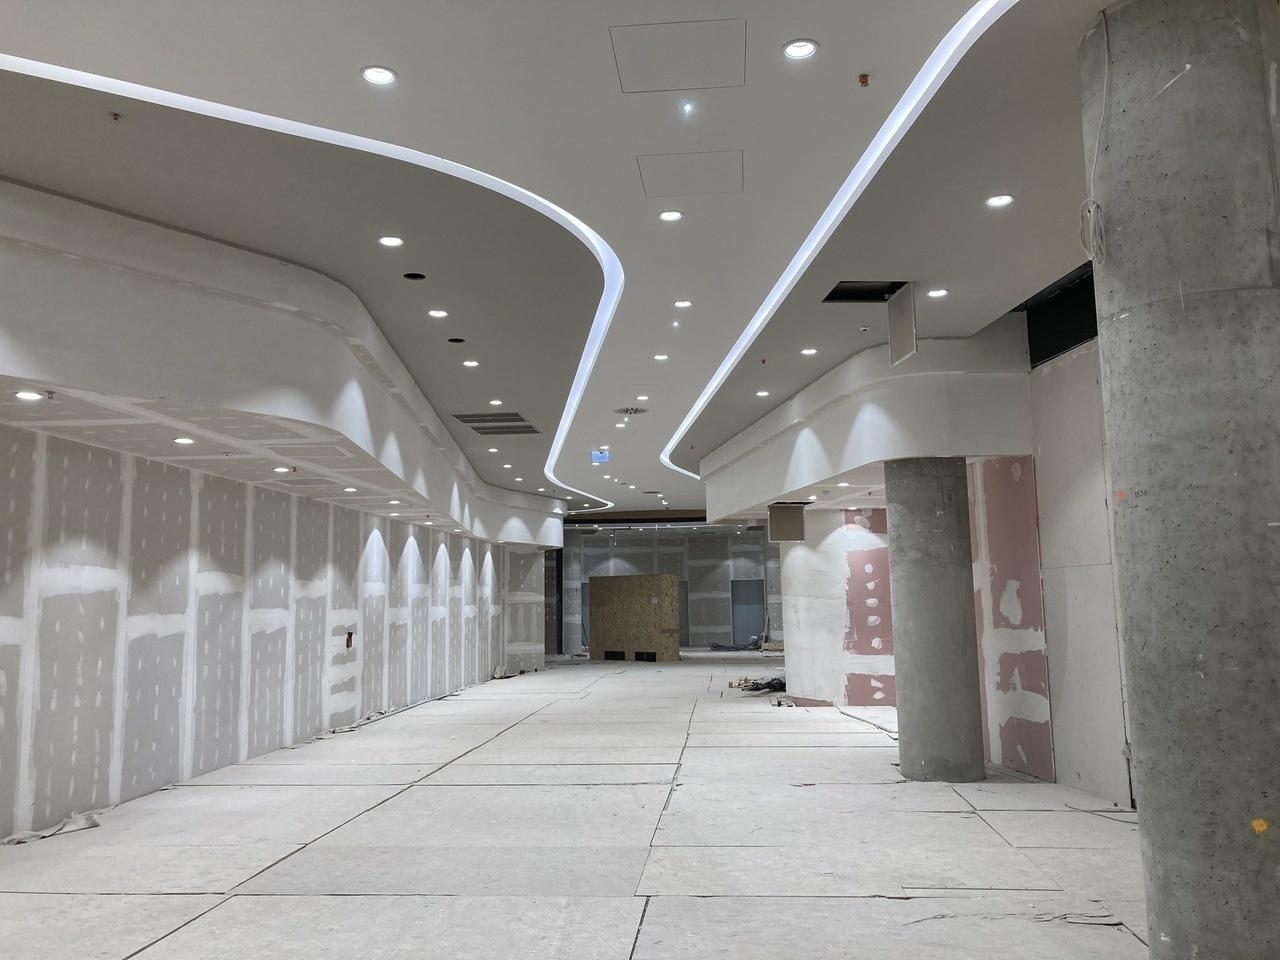 Budapest Etele plaza newest shopping center